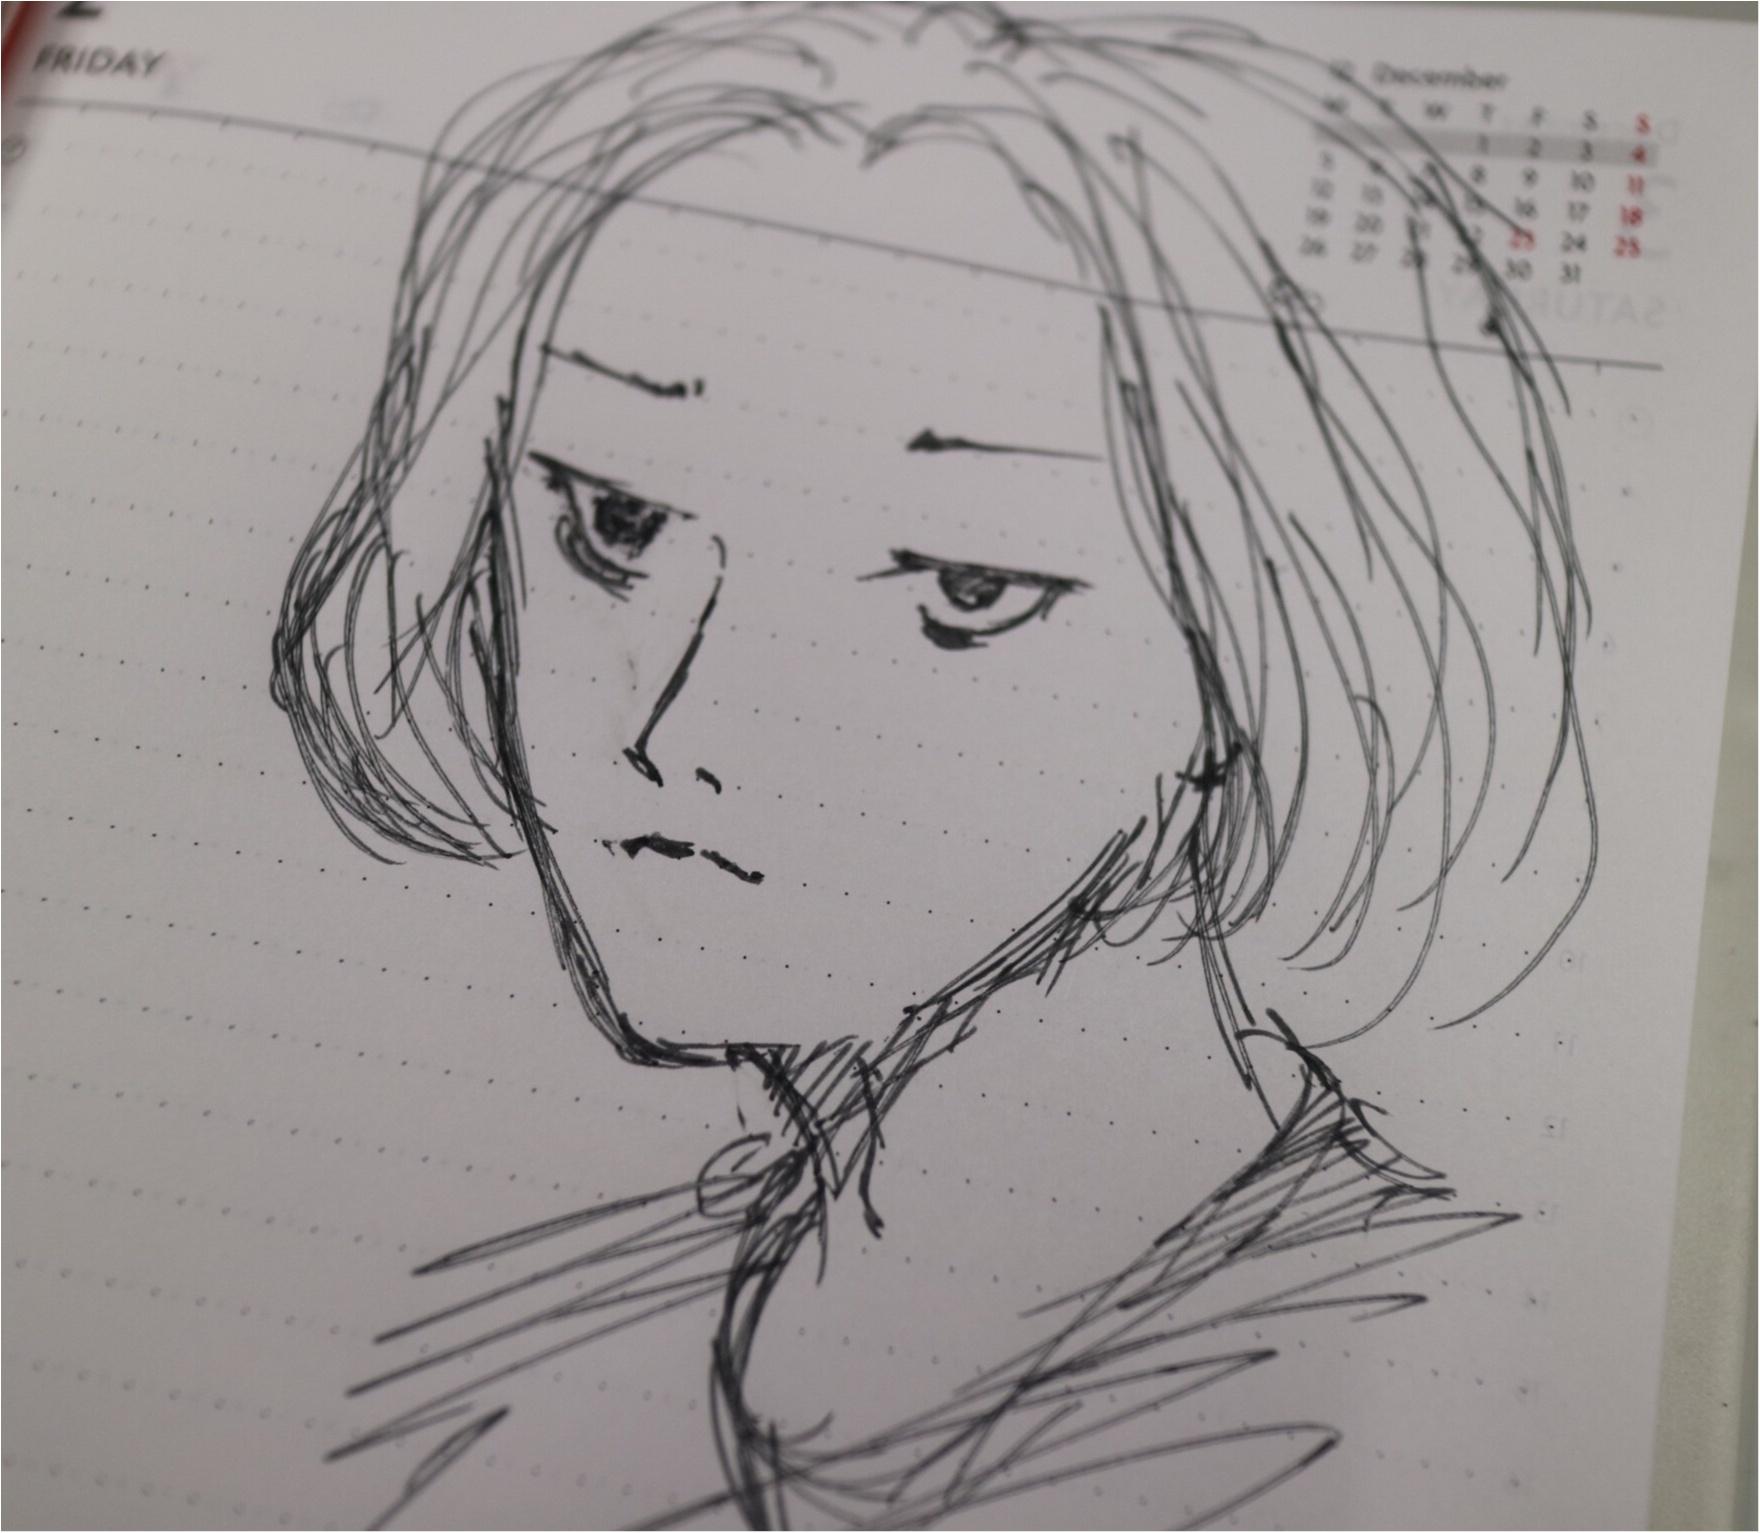 【新メンズノンノモデル・中川大輔さんインタビュー】「モデルとして個性を出していきたい。いつかモアにも登場させてください!」_4